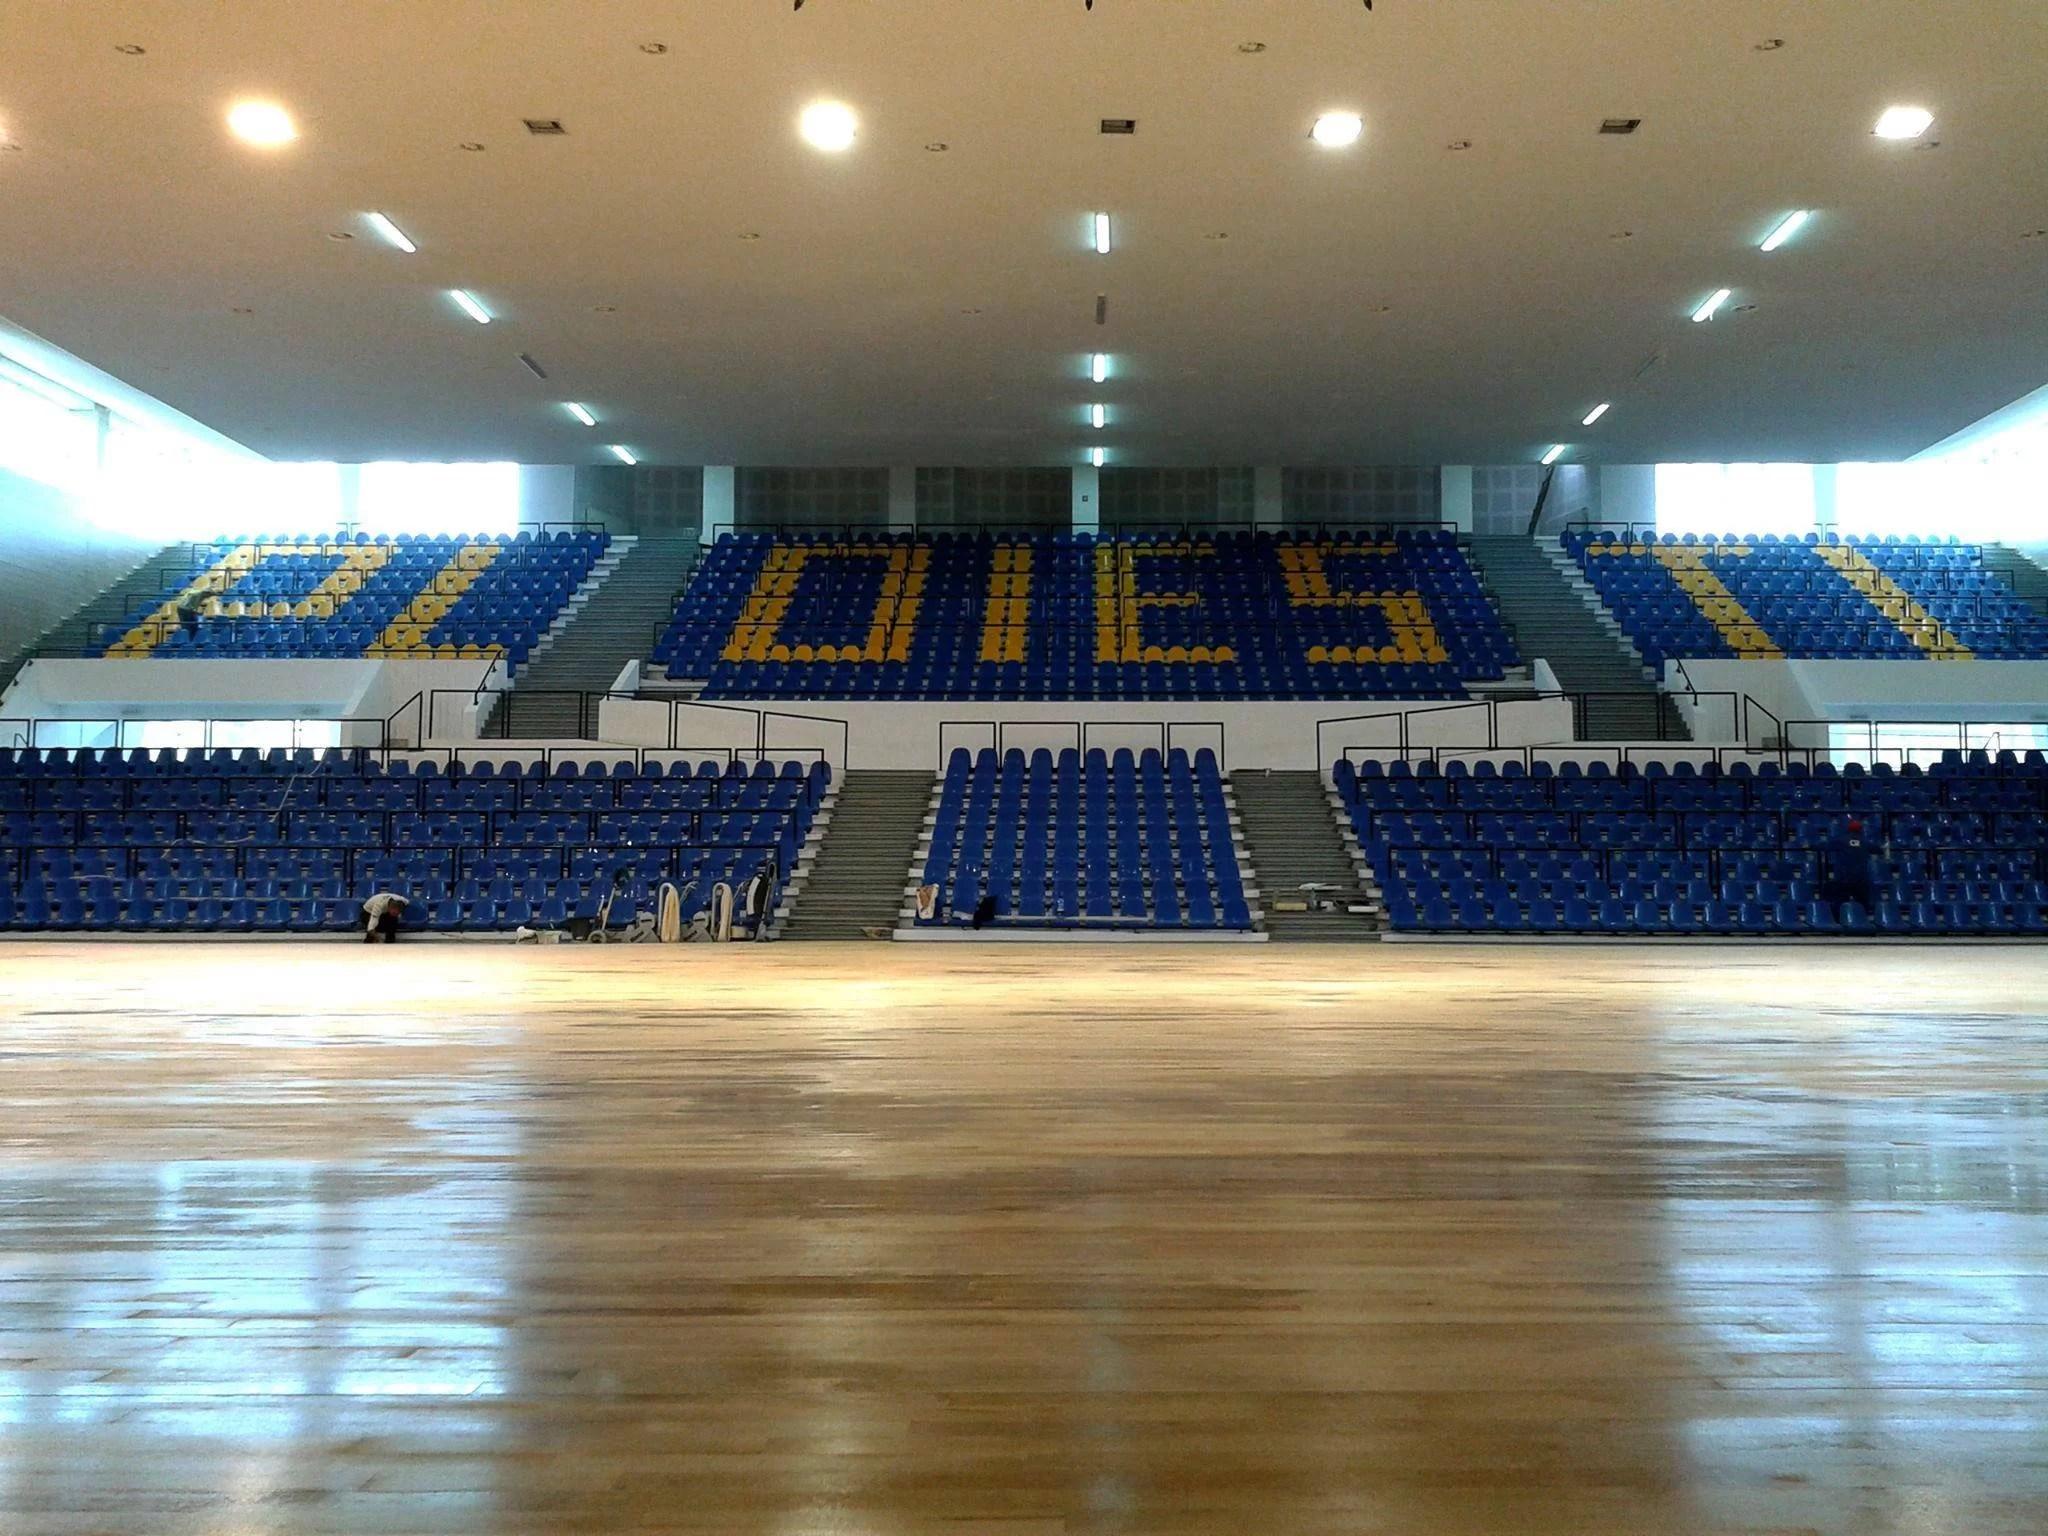 După mai mult de doi ani de renovare și extindere, sala Olimpia își deschide porțile cu prezentarea campioanei baschetului masculin, CSU Asesoft